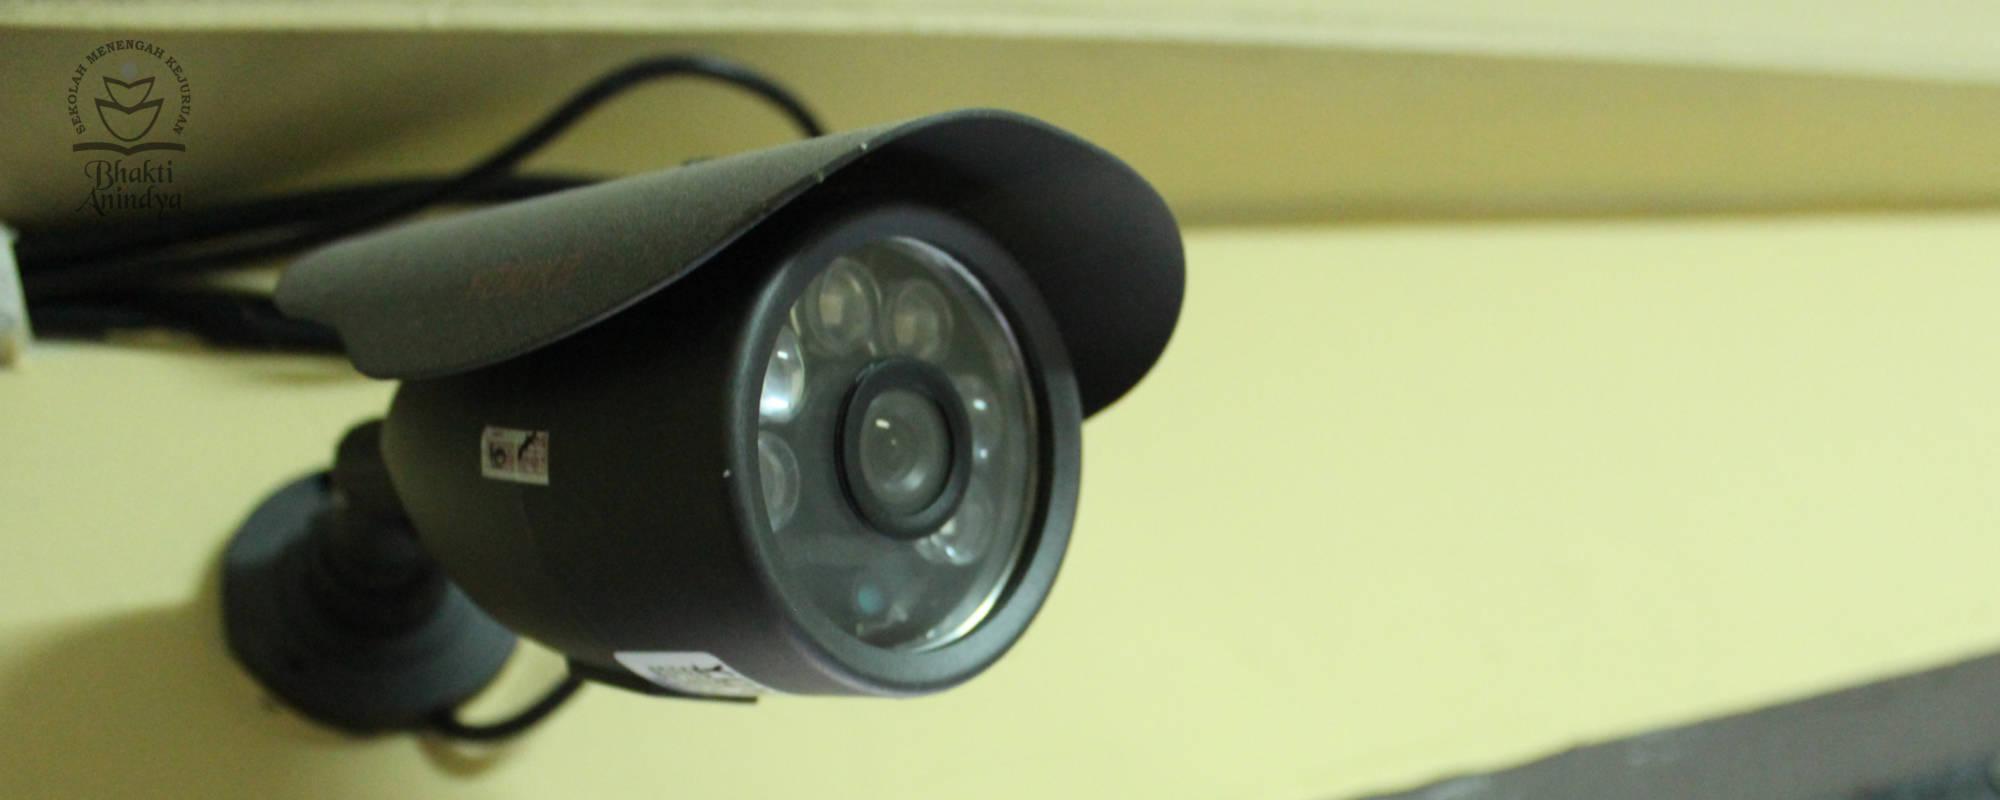 Fasilitas CCTV di Lab Bahasa SMK Bhakti Anindya Tangerang